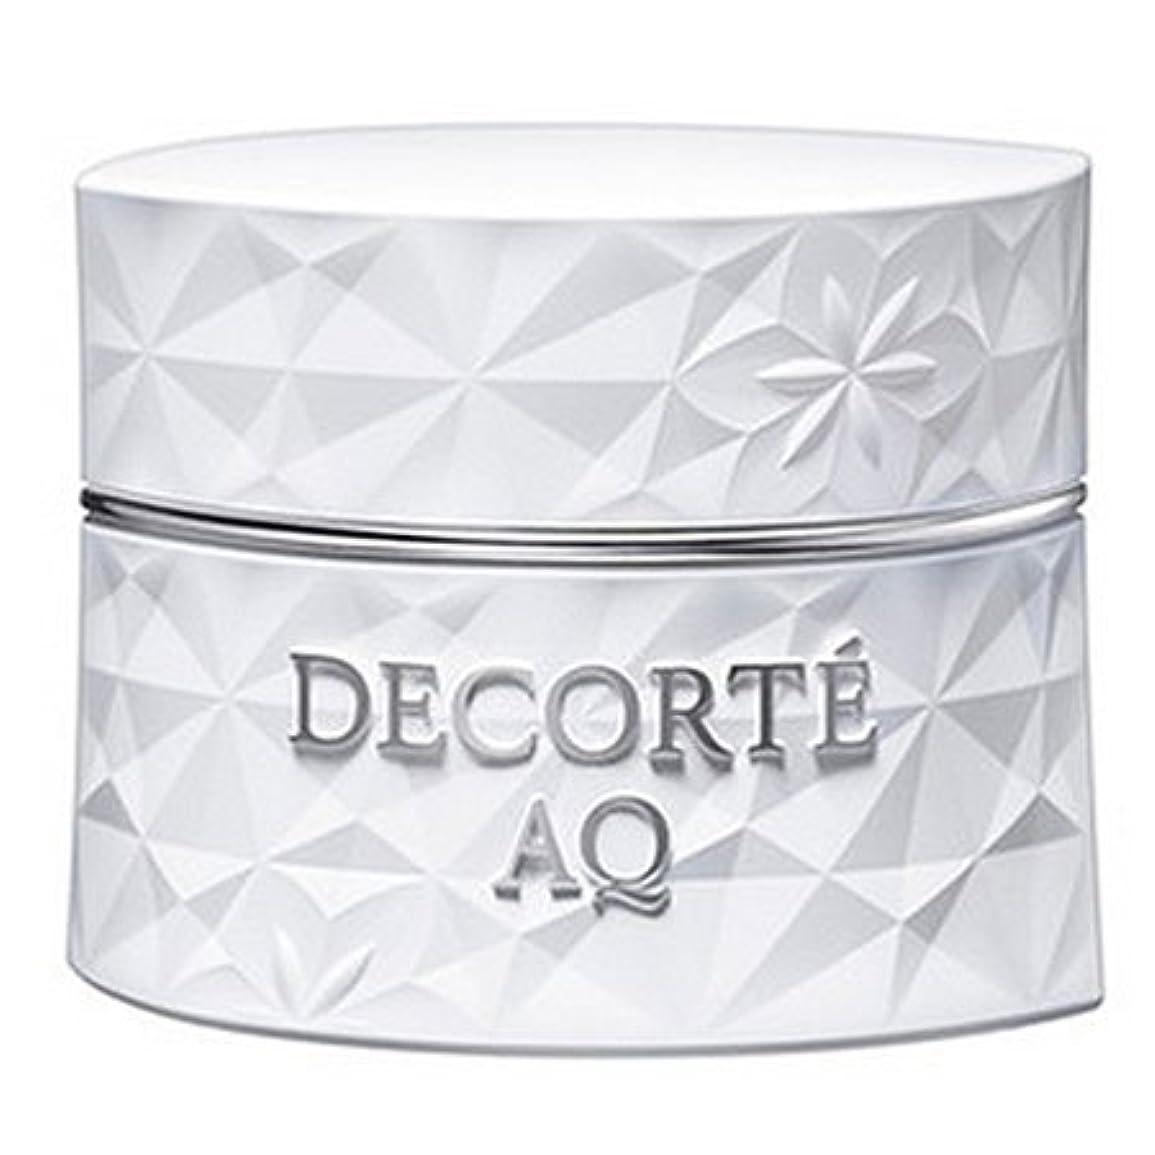 課税せっかち名義でコスメデコルテ AQ ホワイトニング クリーム 25g-COSME DECORTE-